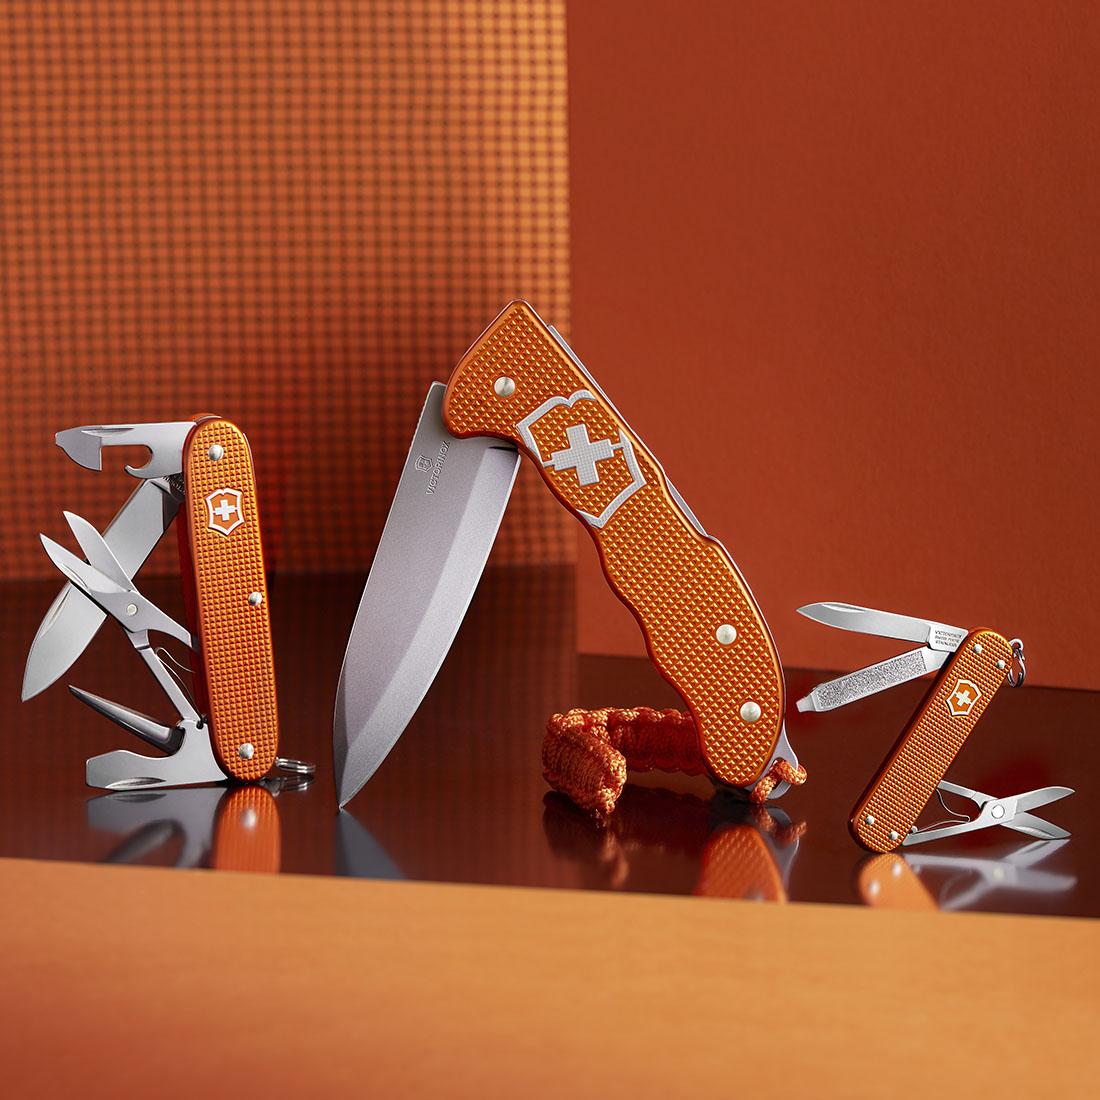 Coleção Canivete Victorinox Alox 2021 Edição Limitada